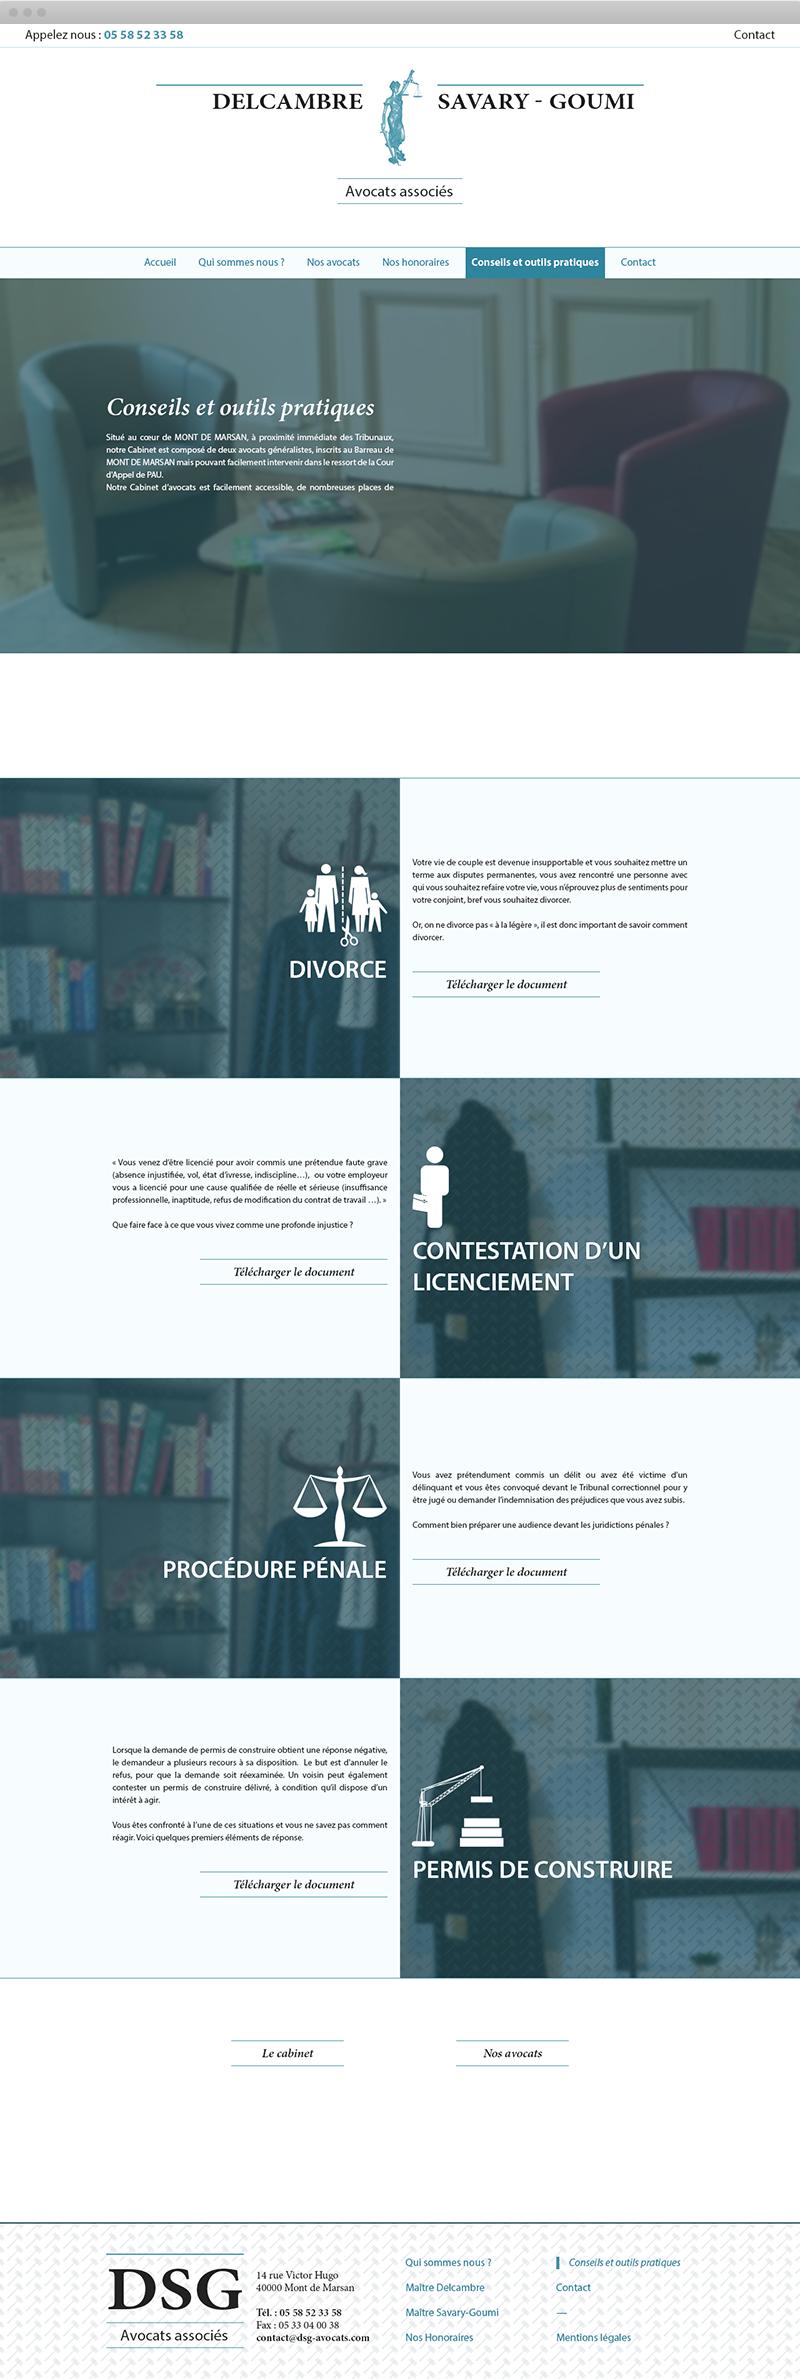 Page Outils Juridiques - DSG Avocats